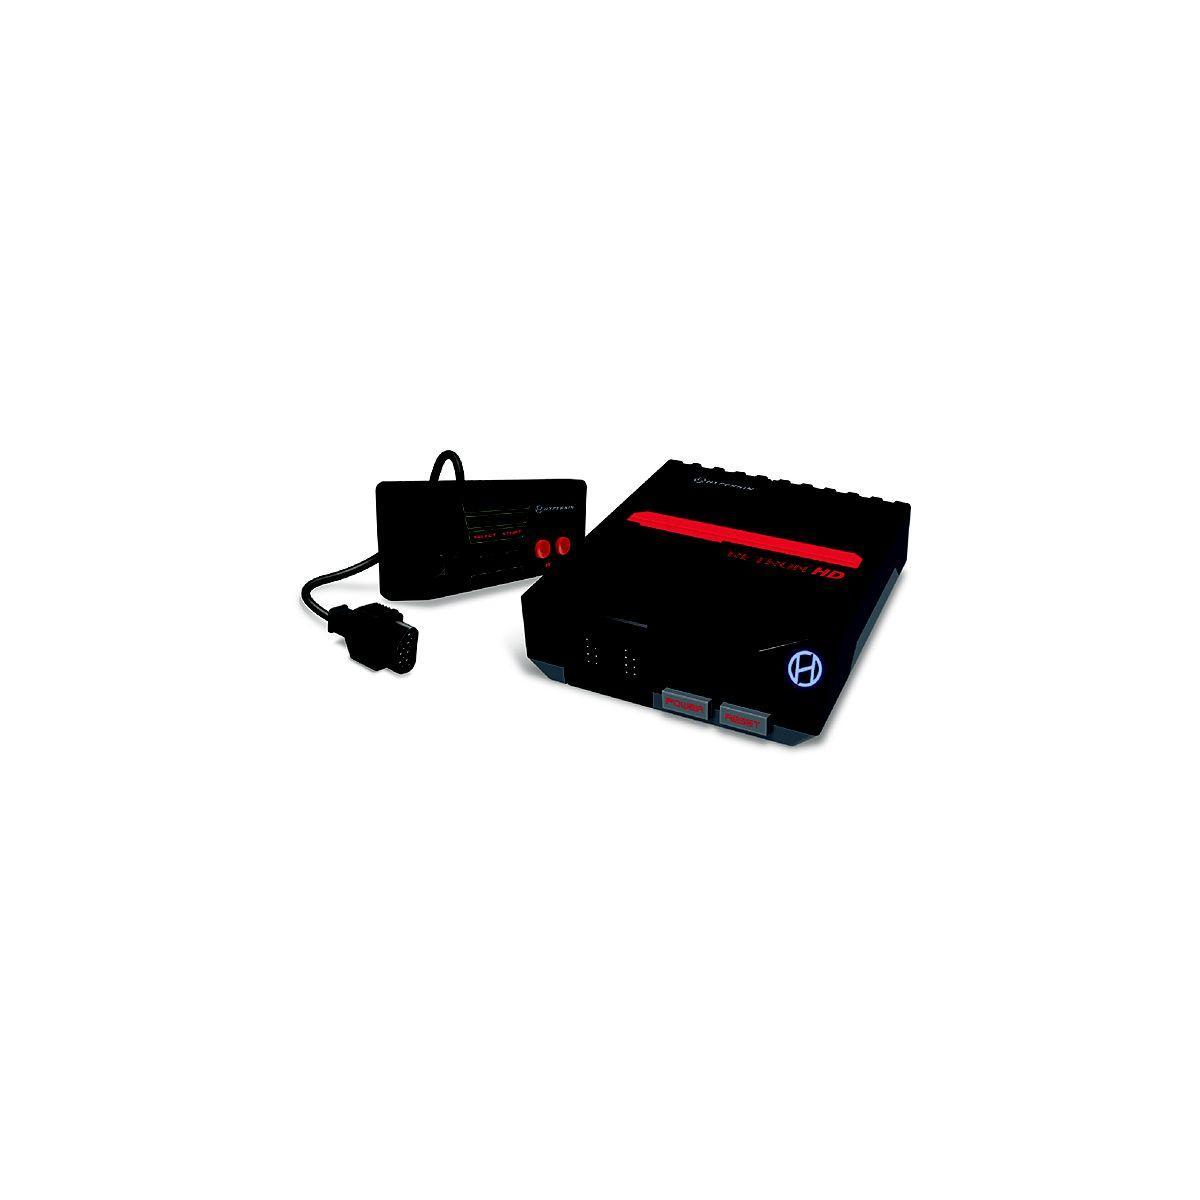 Console r�tro hyperkin retron 5 hd noire - 2% de remise imm�diate avec le code : school2 (photo)